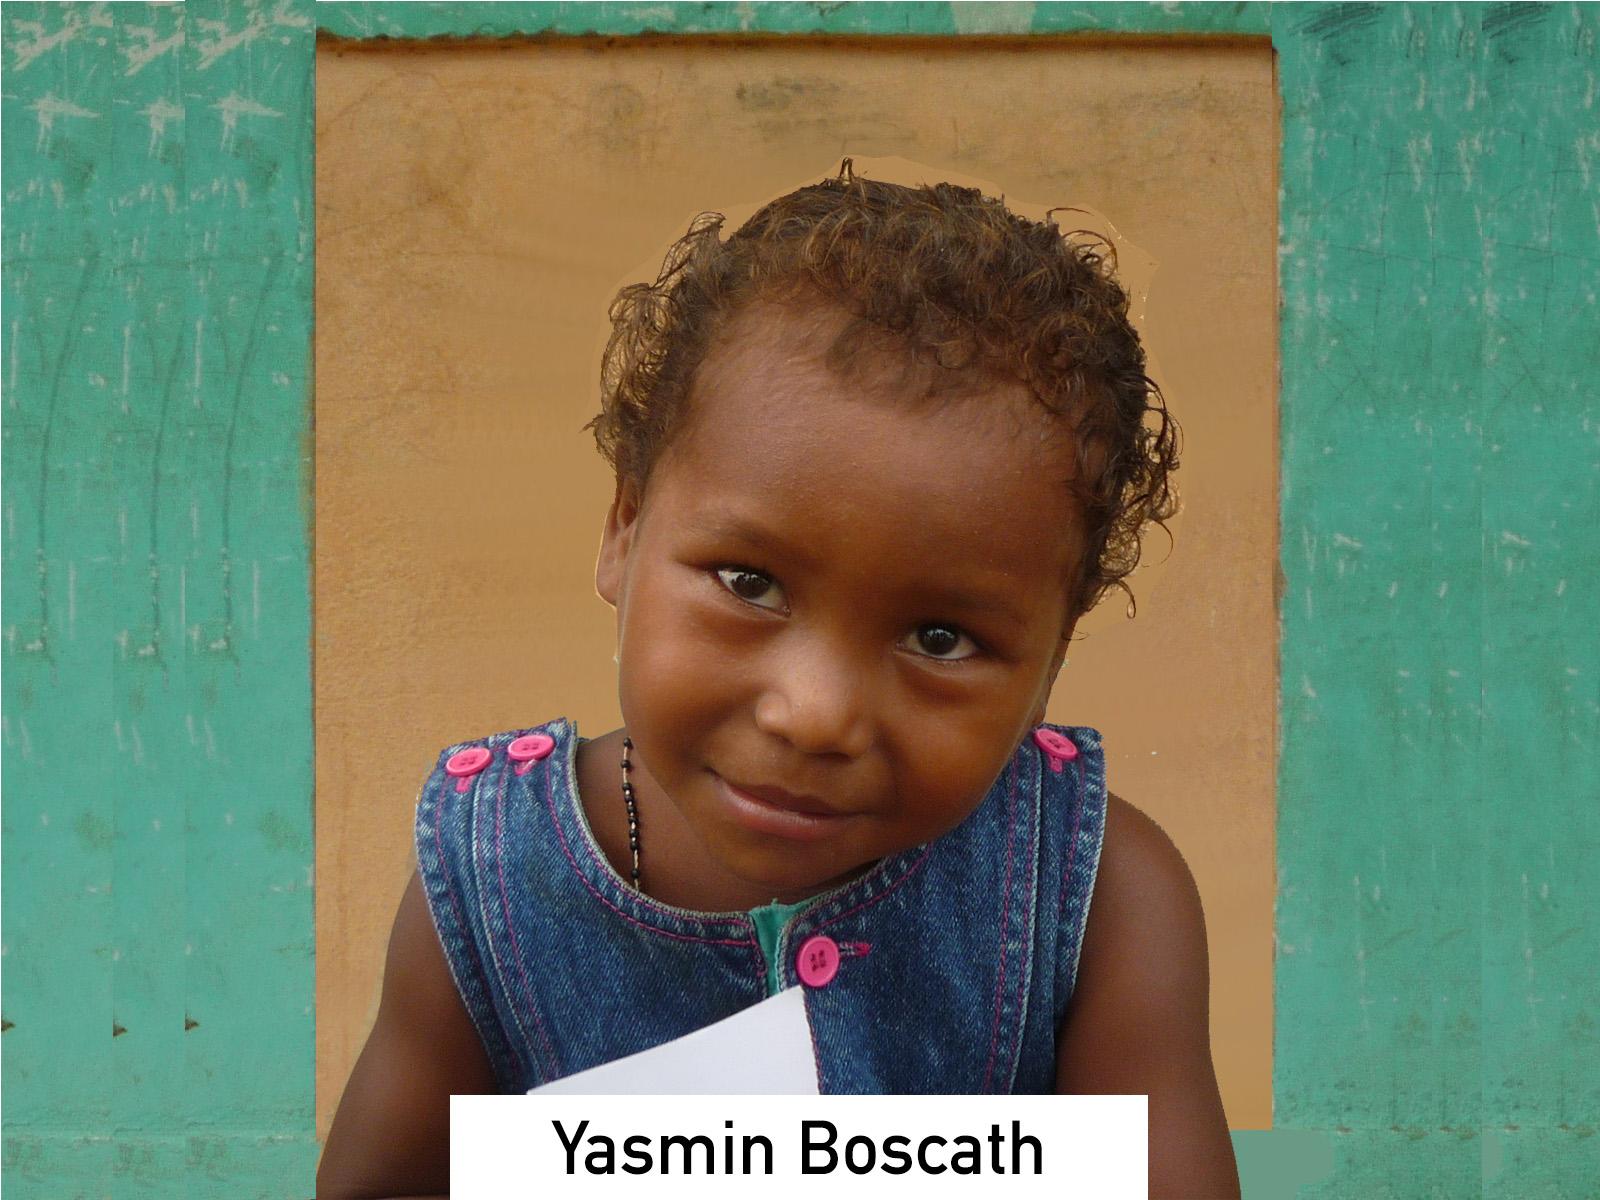 018 - Yasmin Boscath.jpg